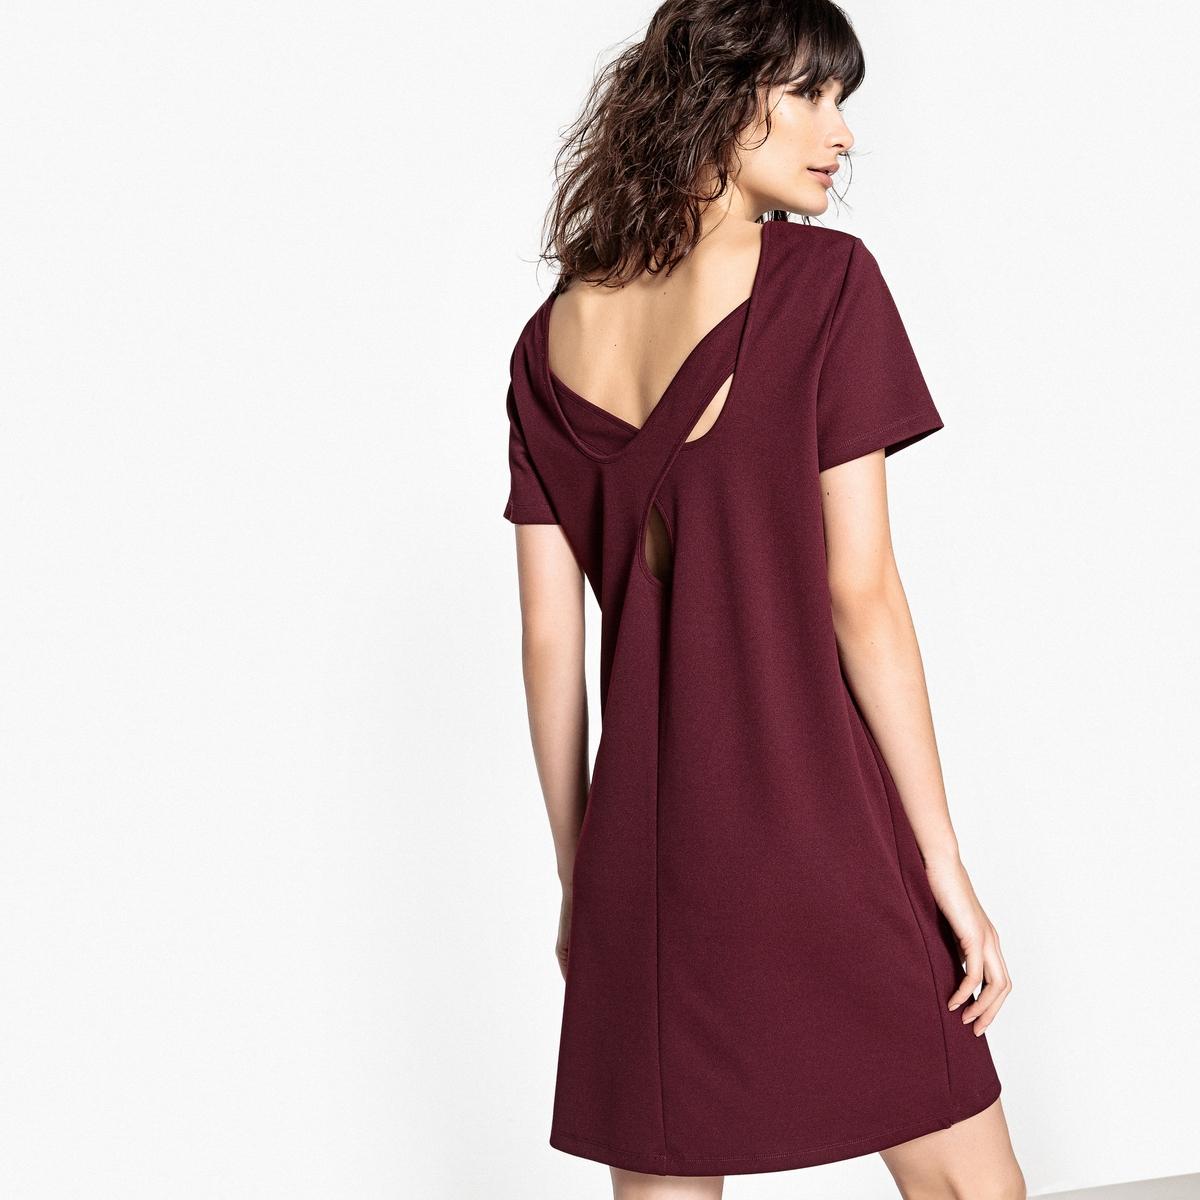 Платье с короткими рукавами, оригинальная спинка платья с принтами